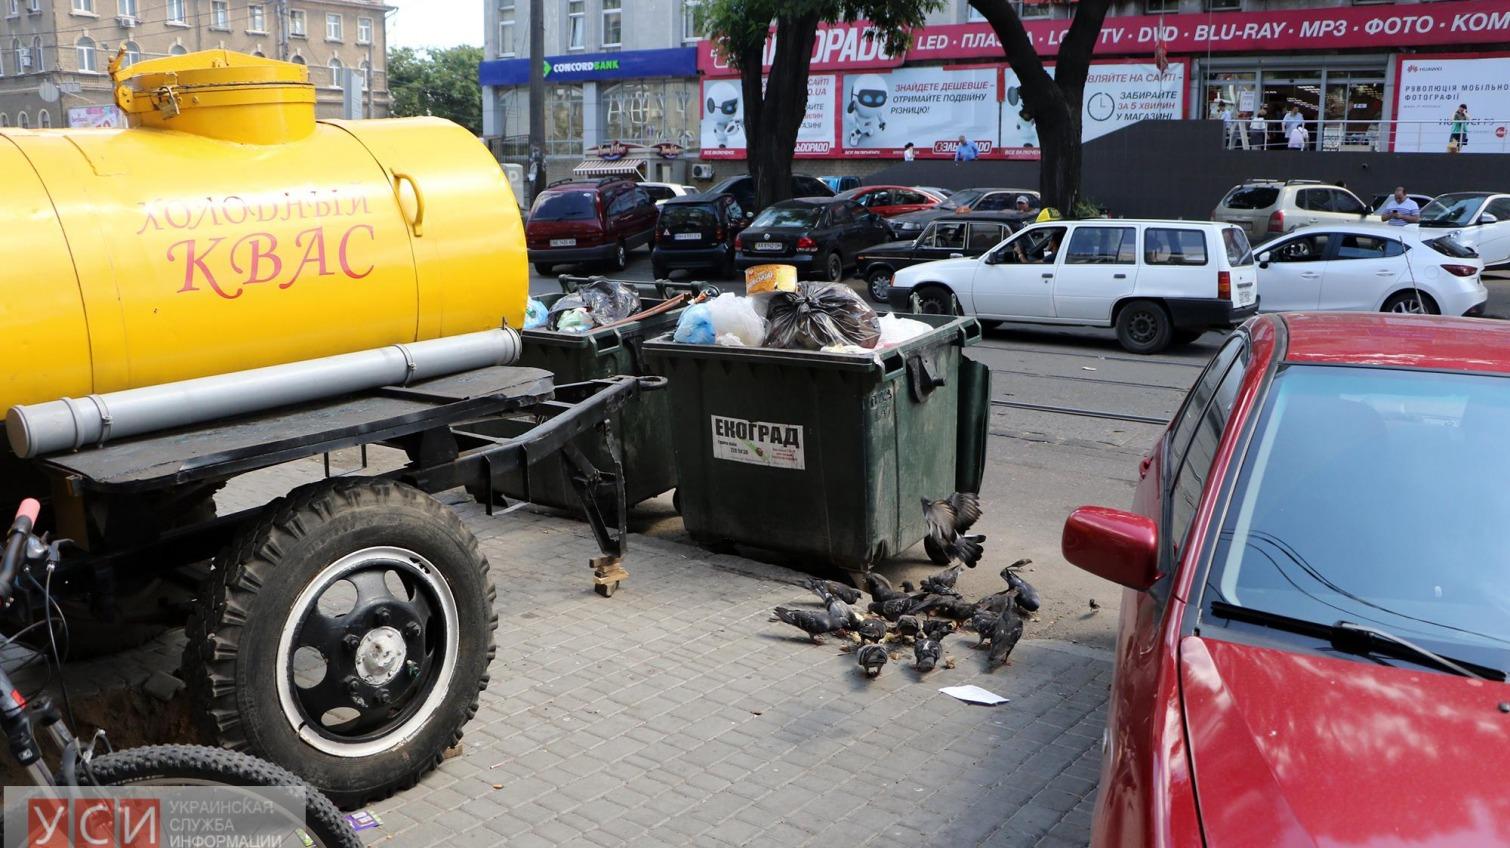 Вывоз мусора в Одессе: завышенные тарифы и низкое качество услуг «фото»